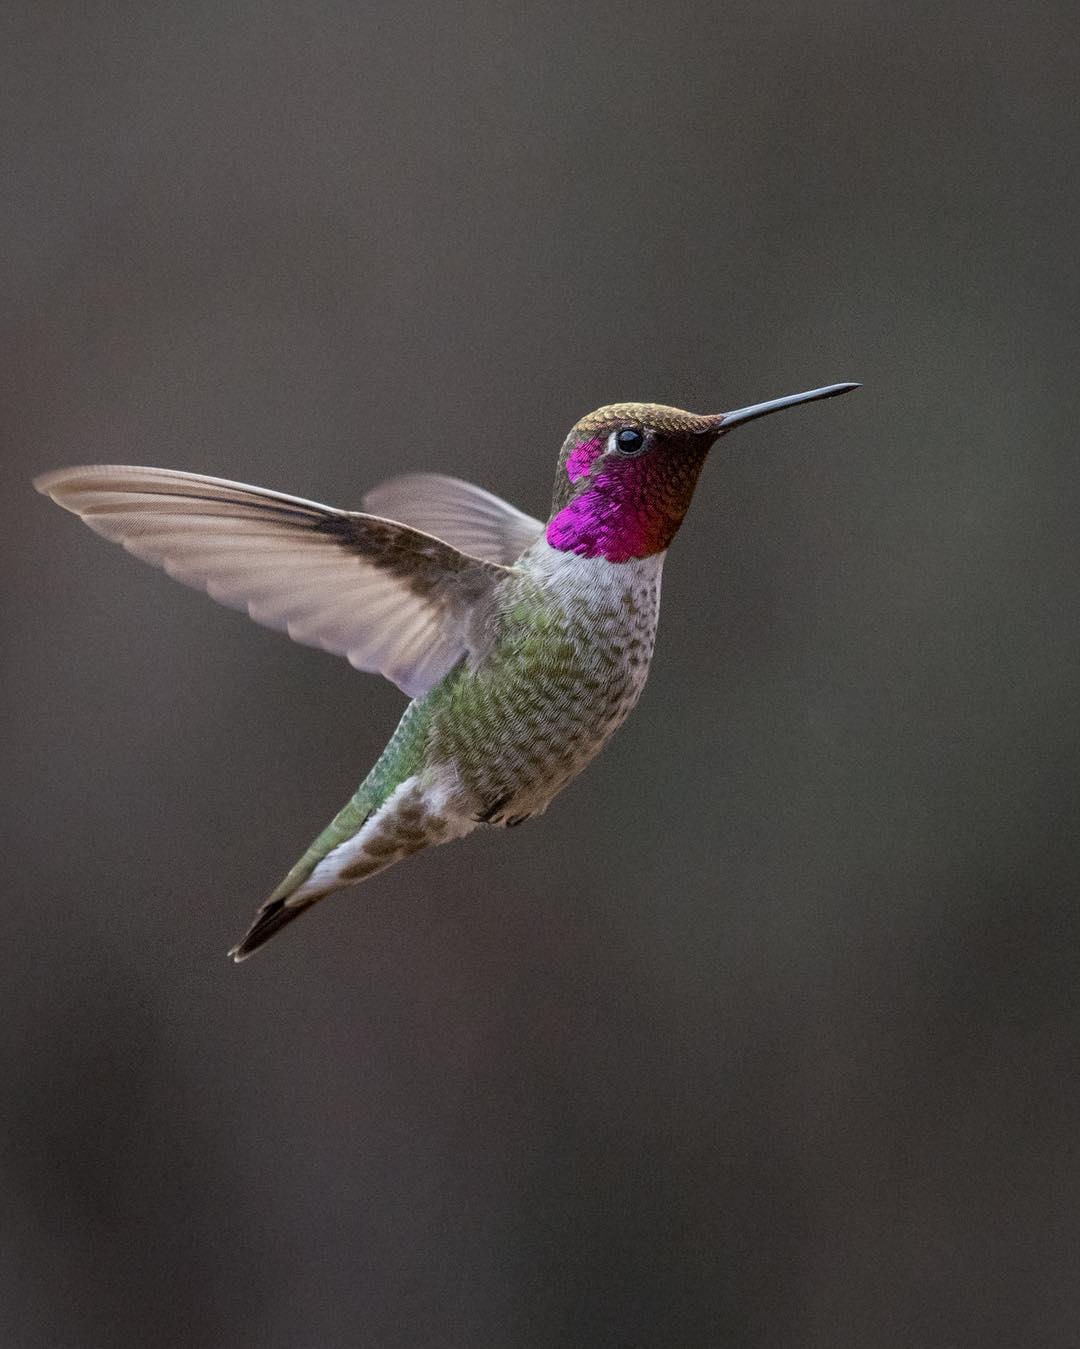 colibrì cose da fare ecuador edreams blog di viaggi